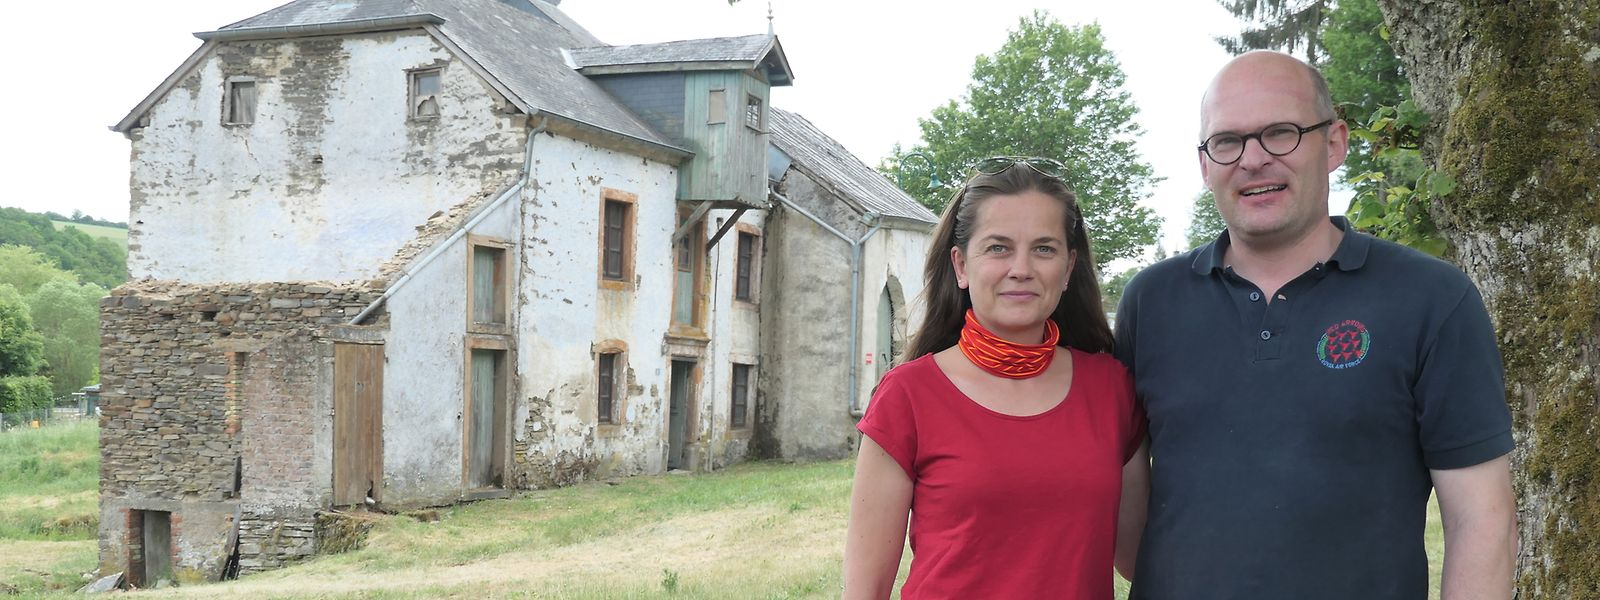 André Feltz und Agnès Heldenstein wollen die Mitte des 15. Jahrhunderts erbaute Bannmillen in Syr wieder zu neuem Leben erwecken.